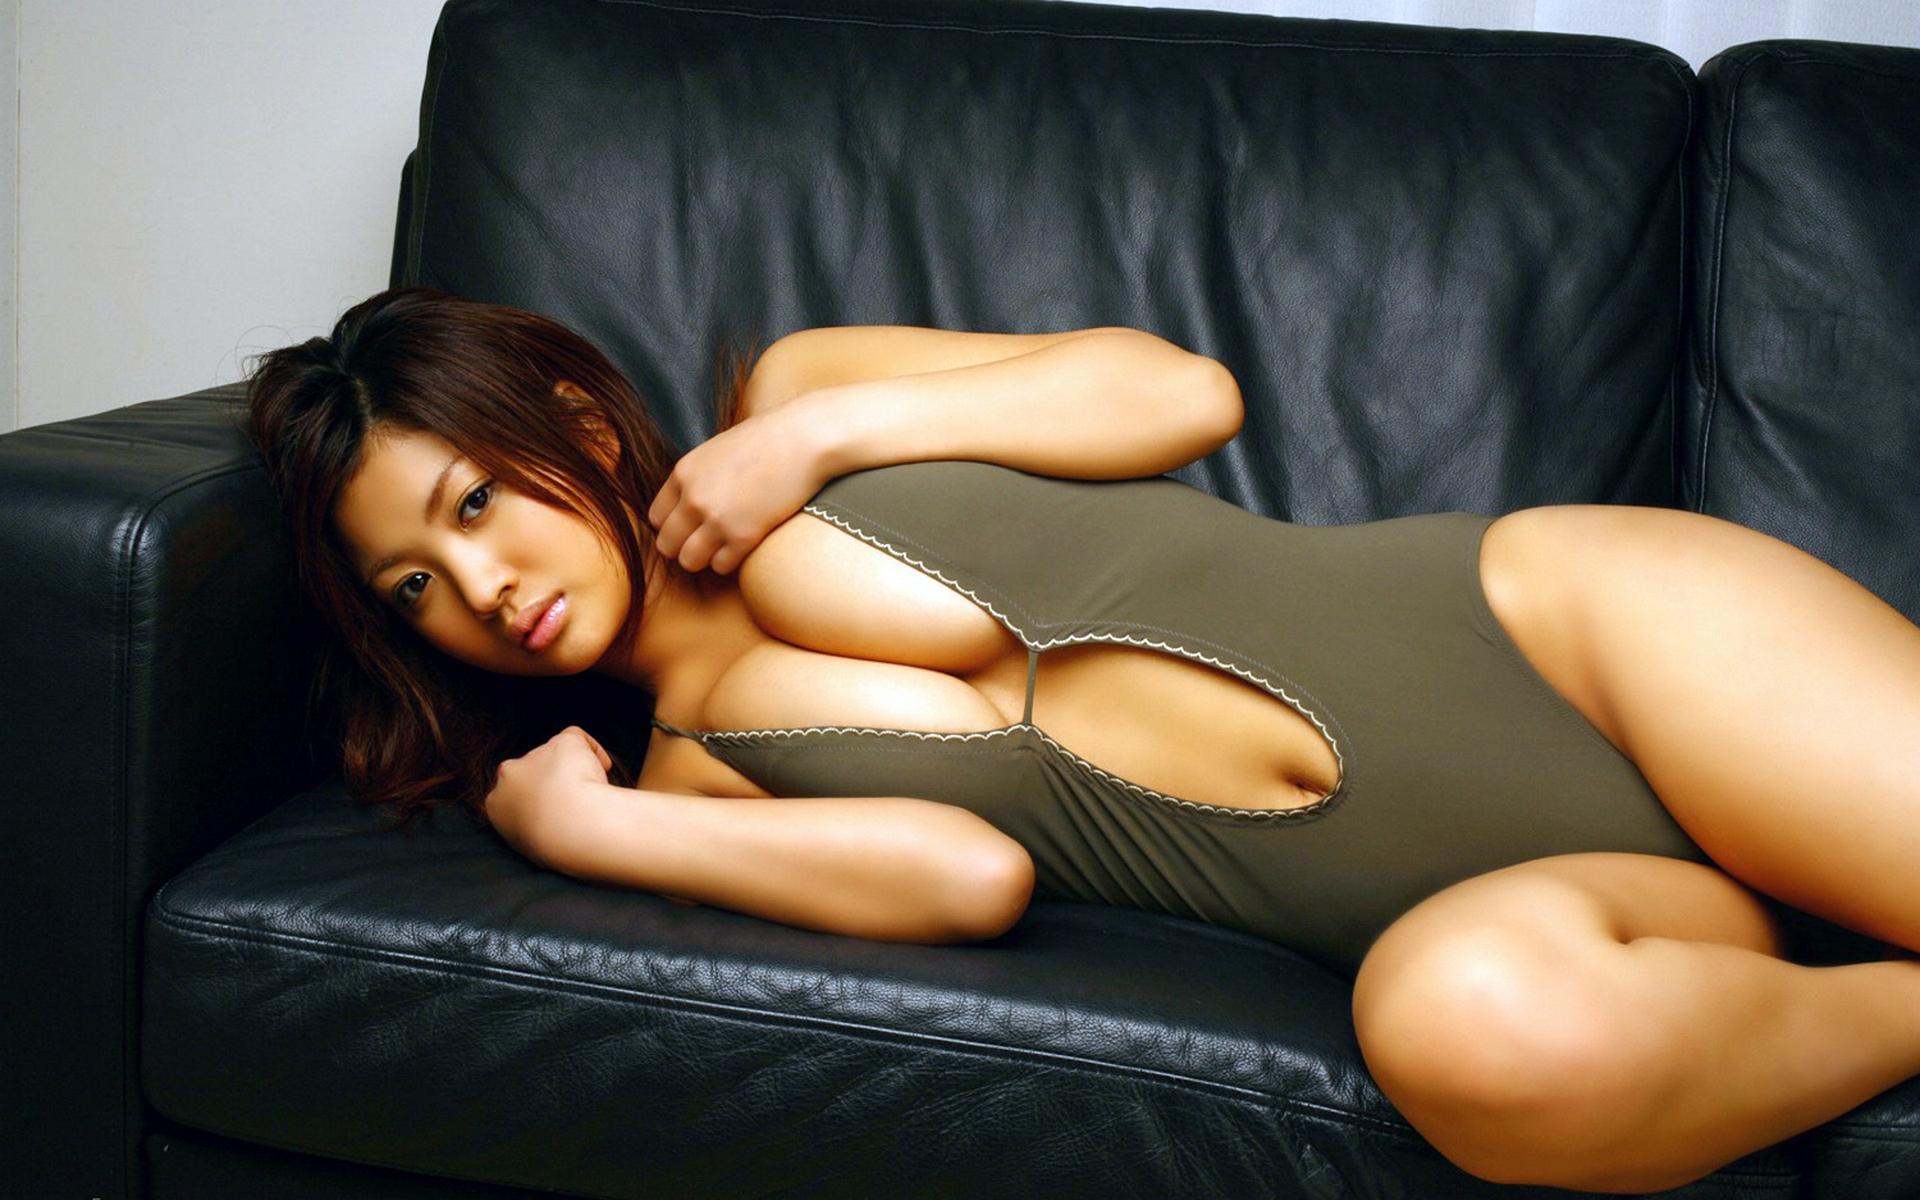 Сексуальная азиатка на глазах бойфренда снимает бикини  384589